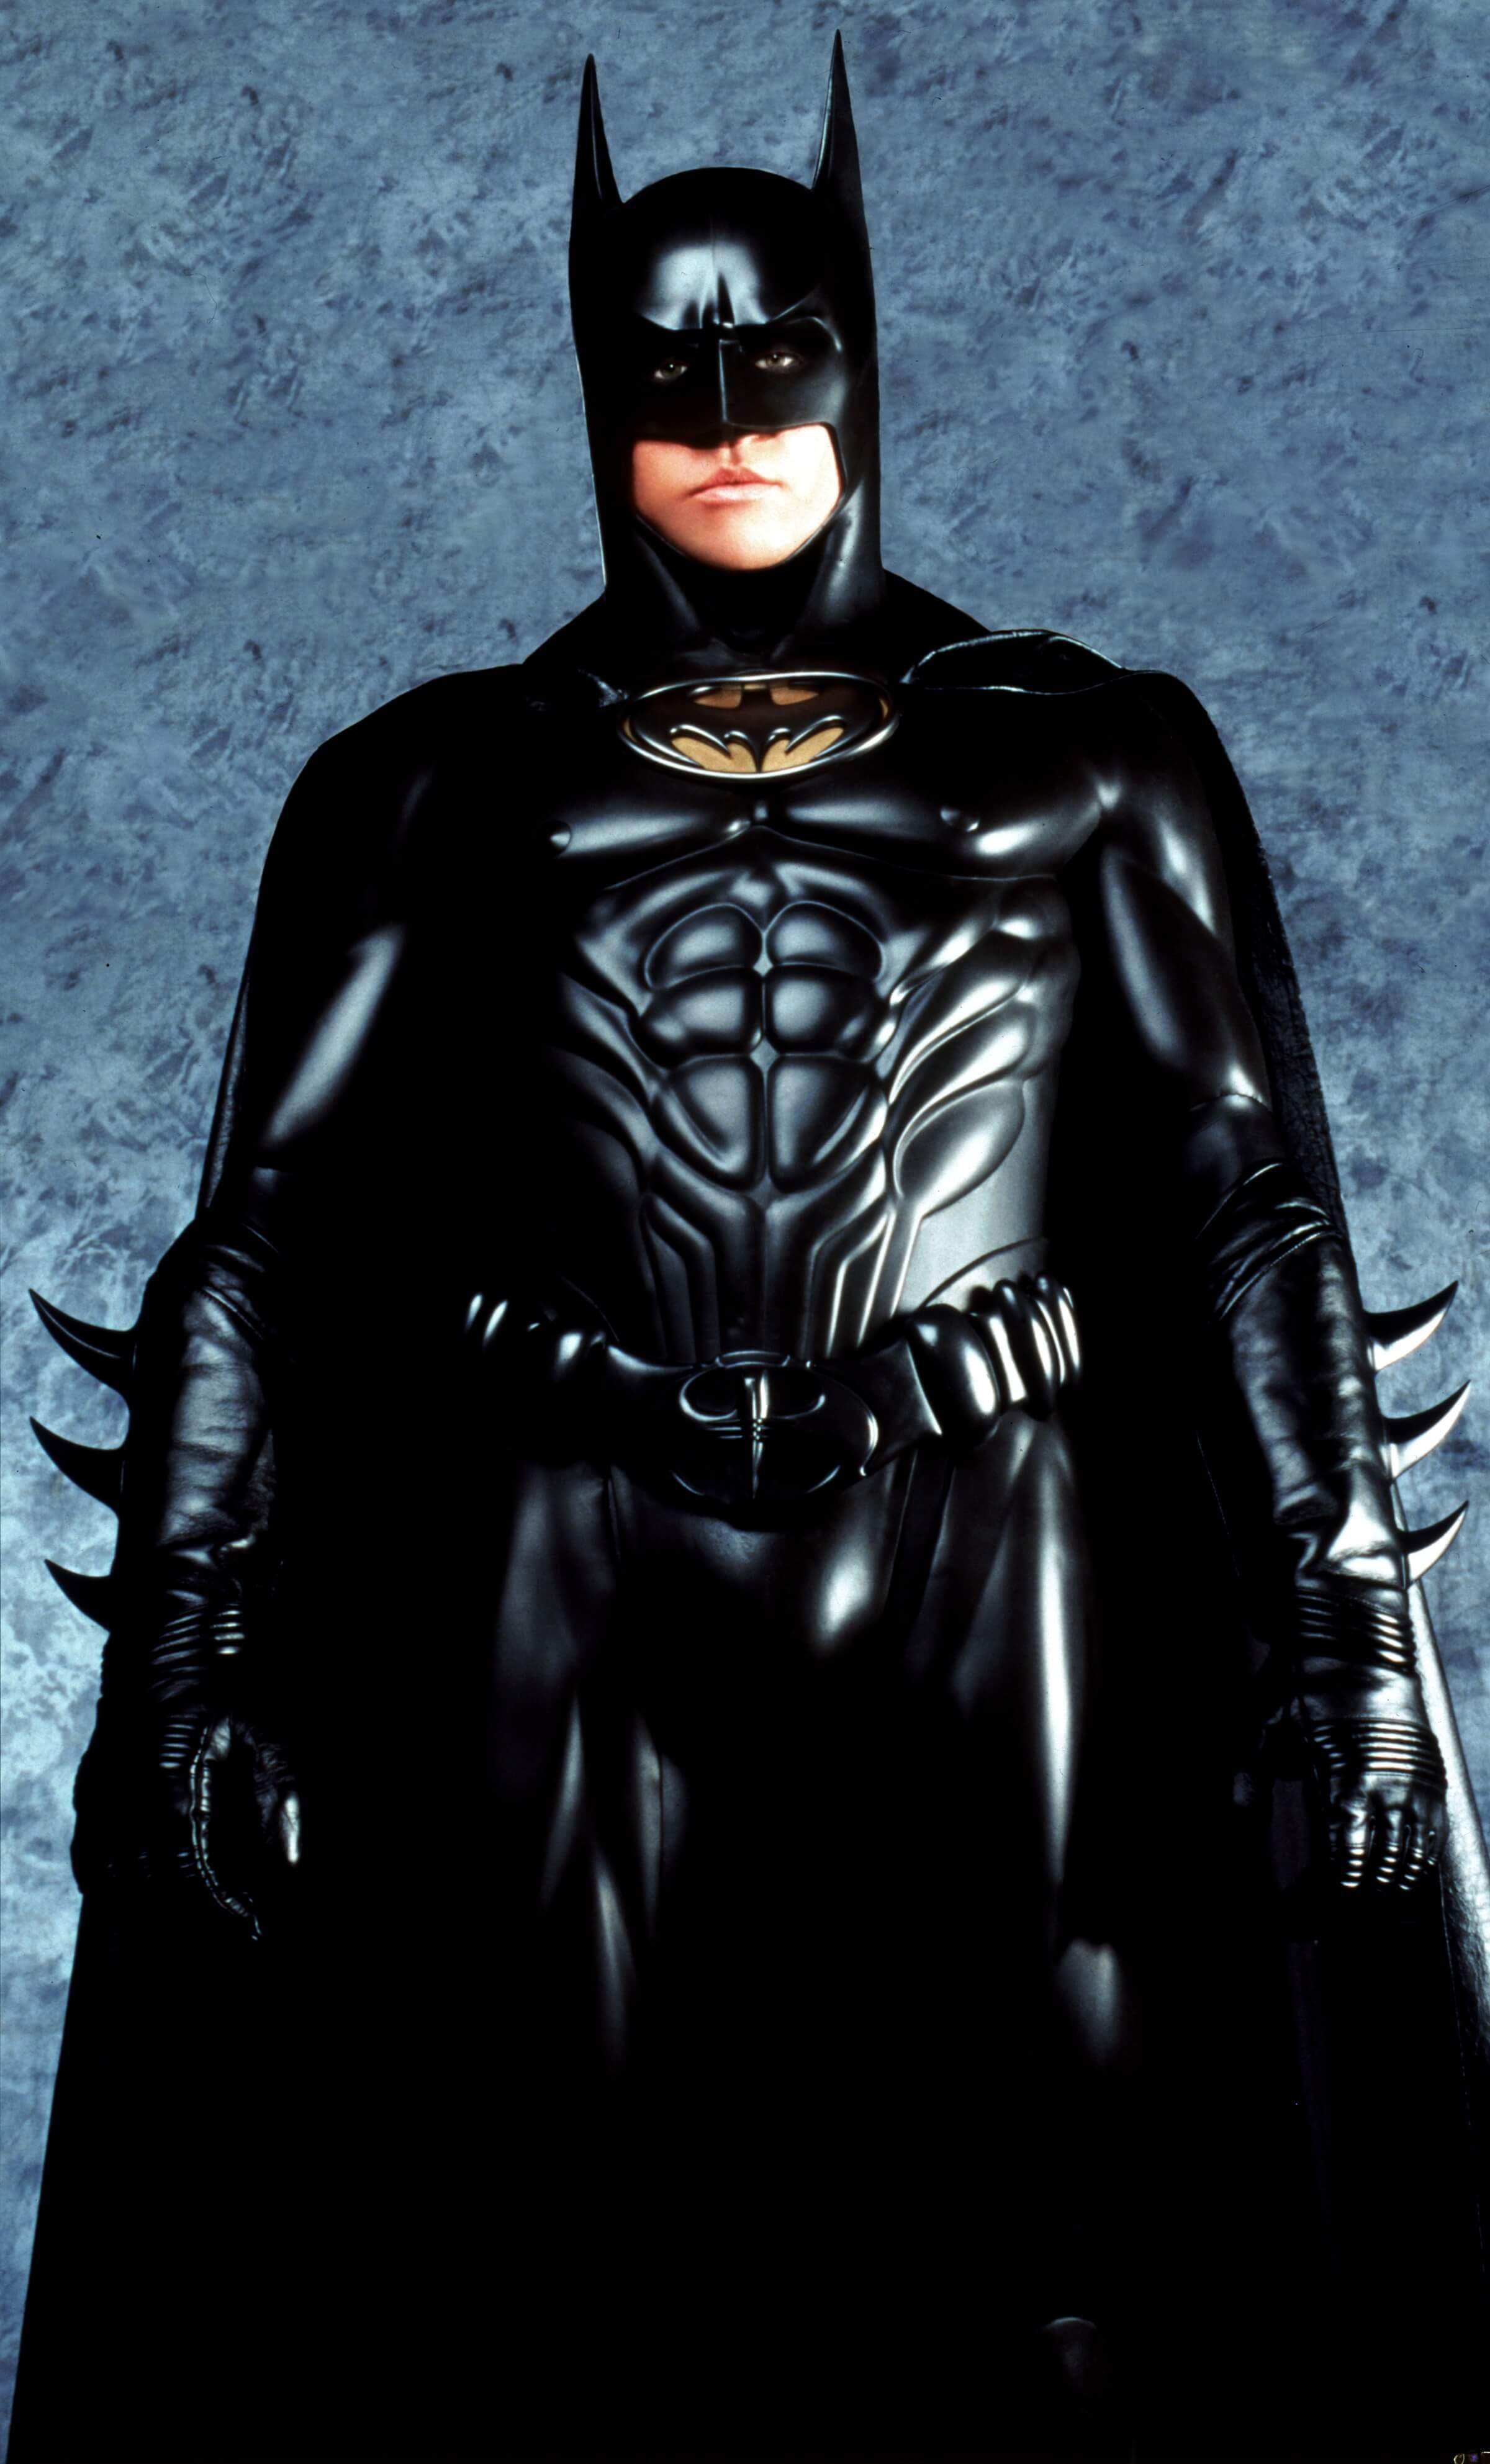 6_BatmanForever_Stills-13-2.jpg